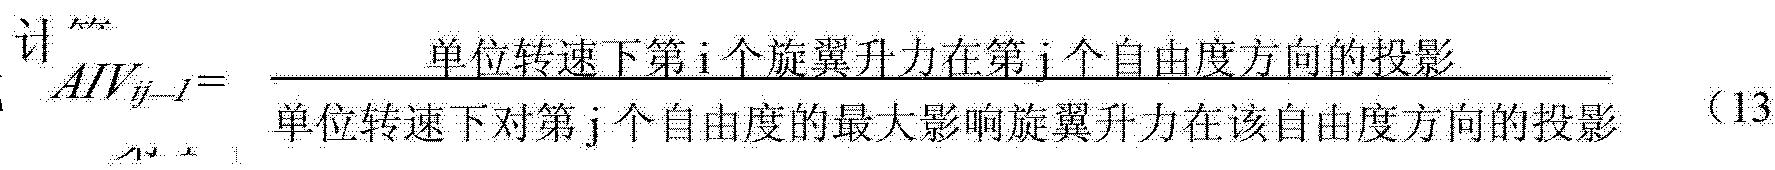 Figure CN102340113BD00091